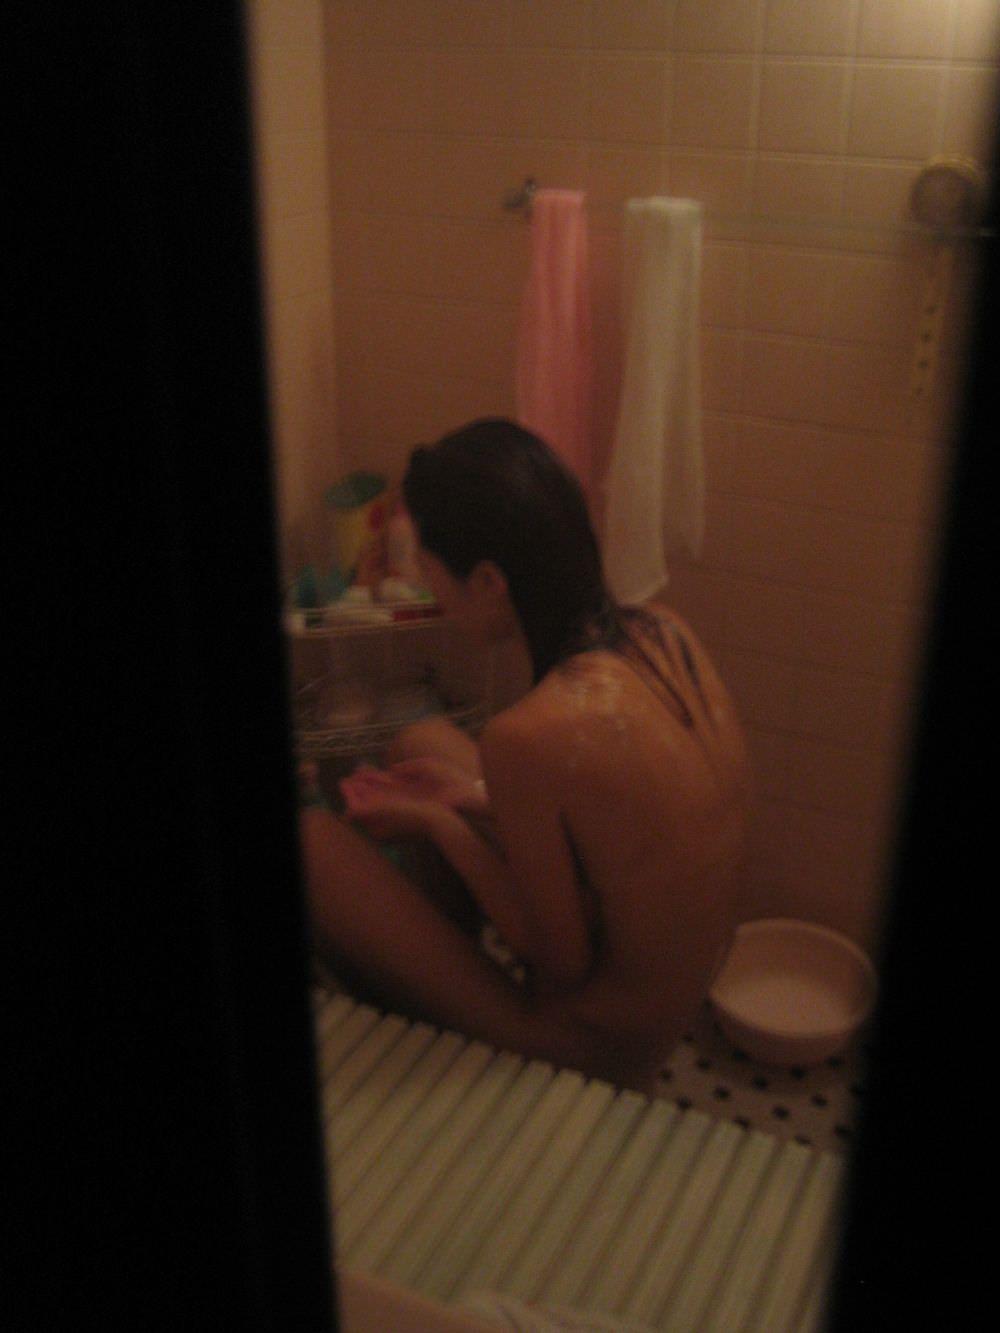 アパートや民家のお風呂をガチ盗撮した入浴女子の素人エロ画像 2714